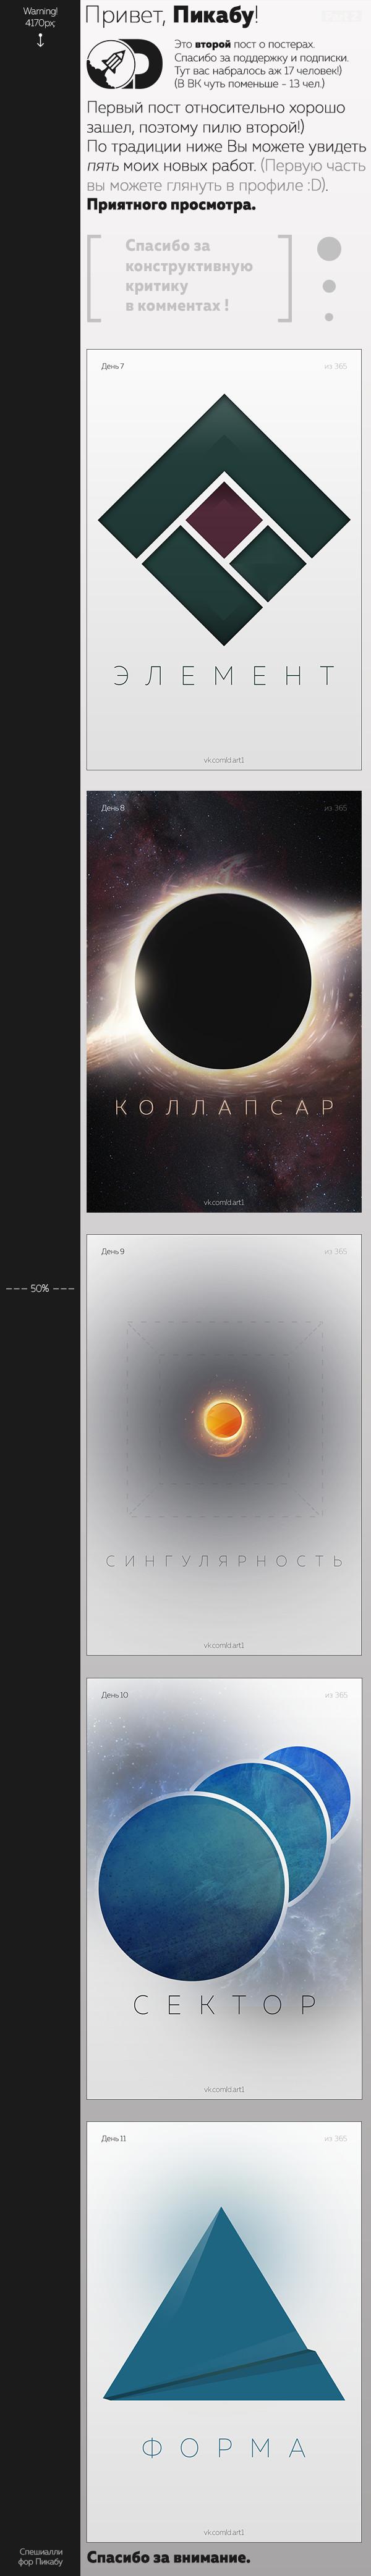 365 Постеров [Часть 2] Дизайн, Photoshop, Постер, Арт, Графика, Длиннопост